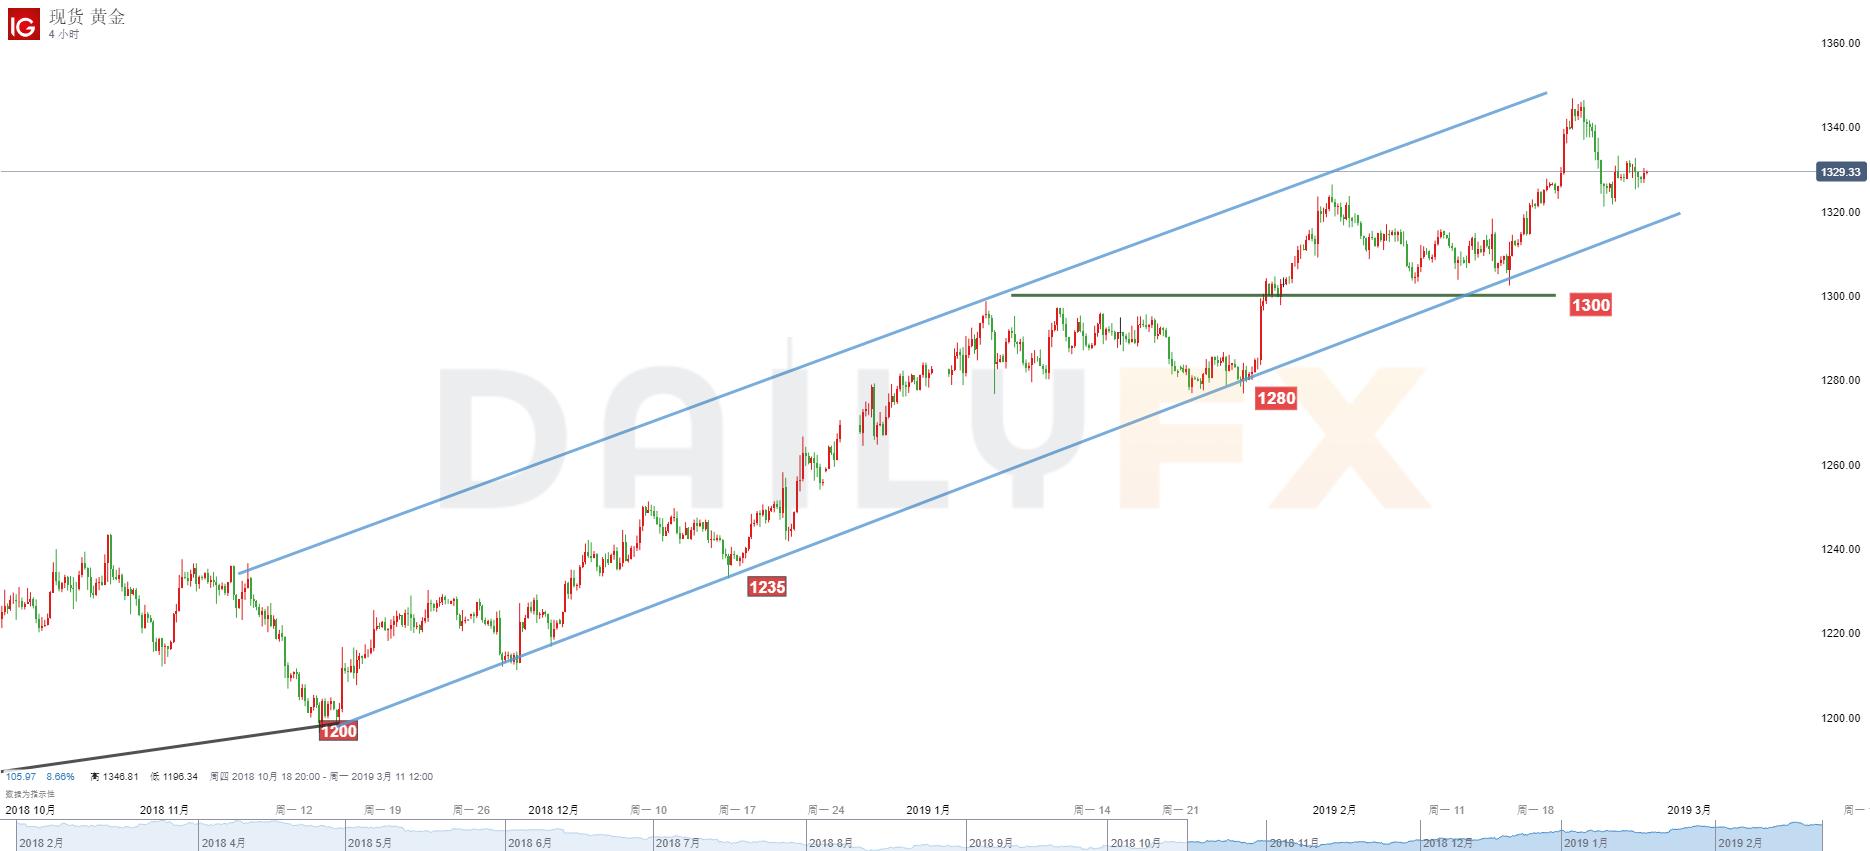 黄金/美元技术分析:继续关注1320支撑